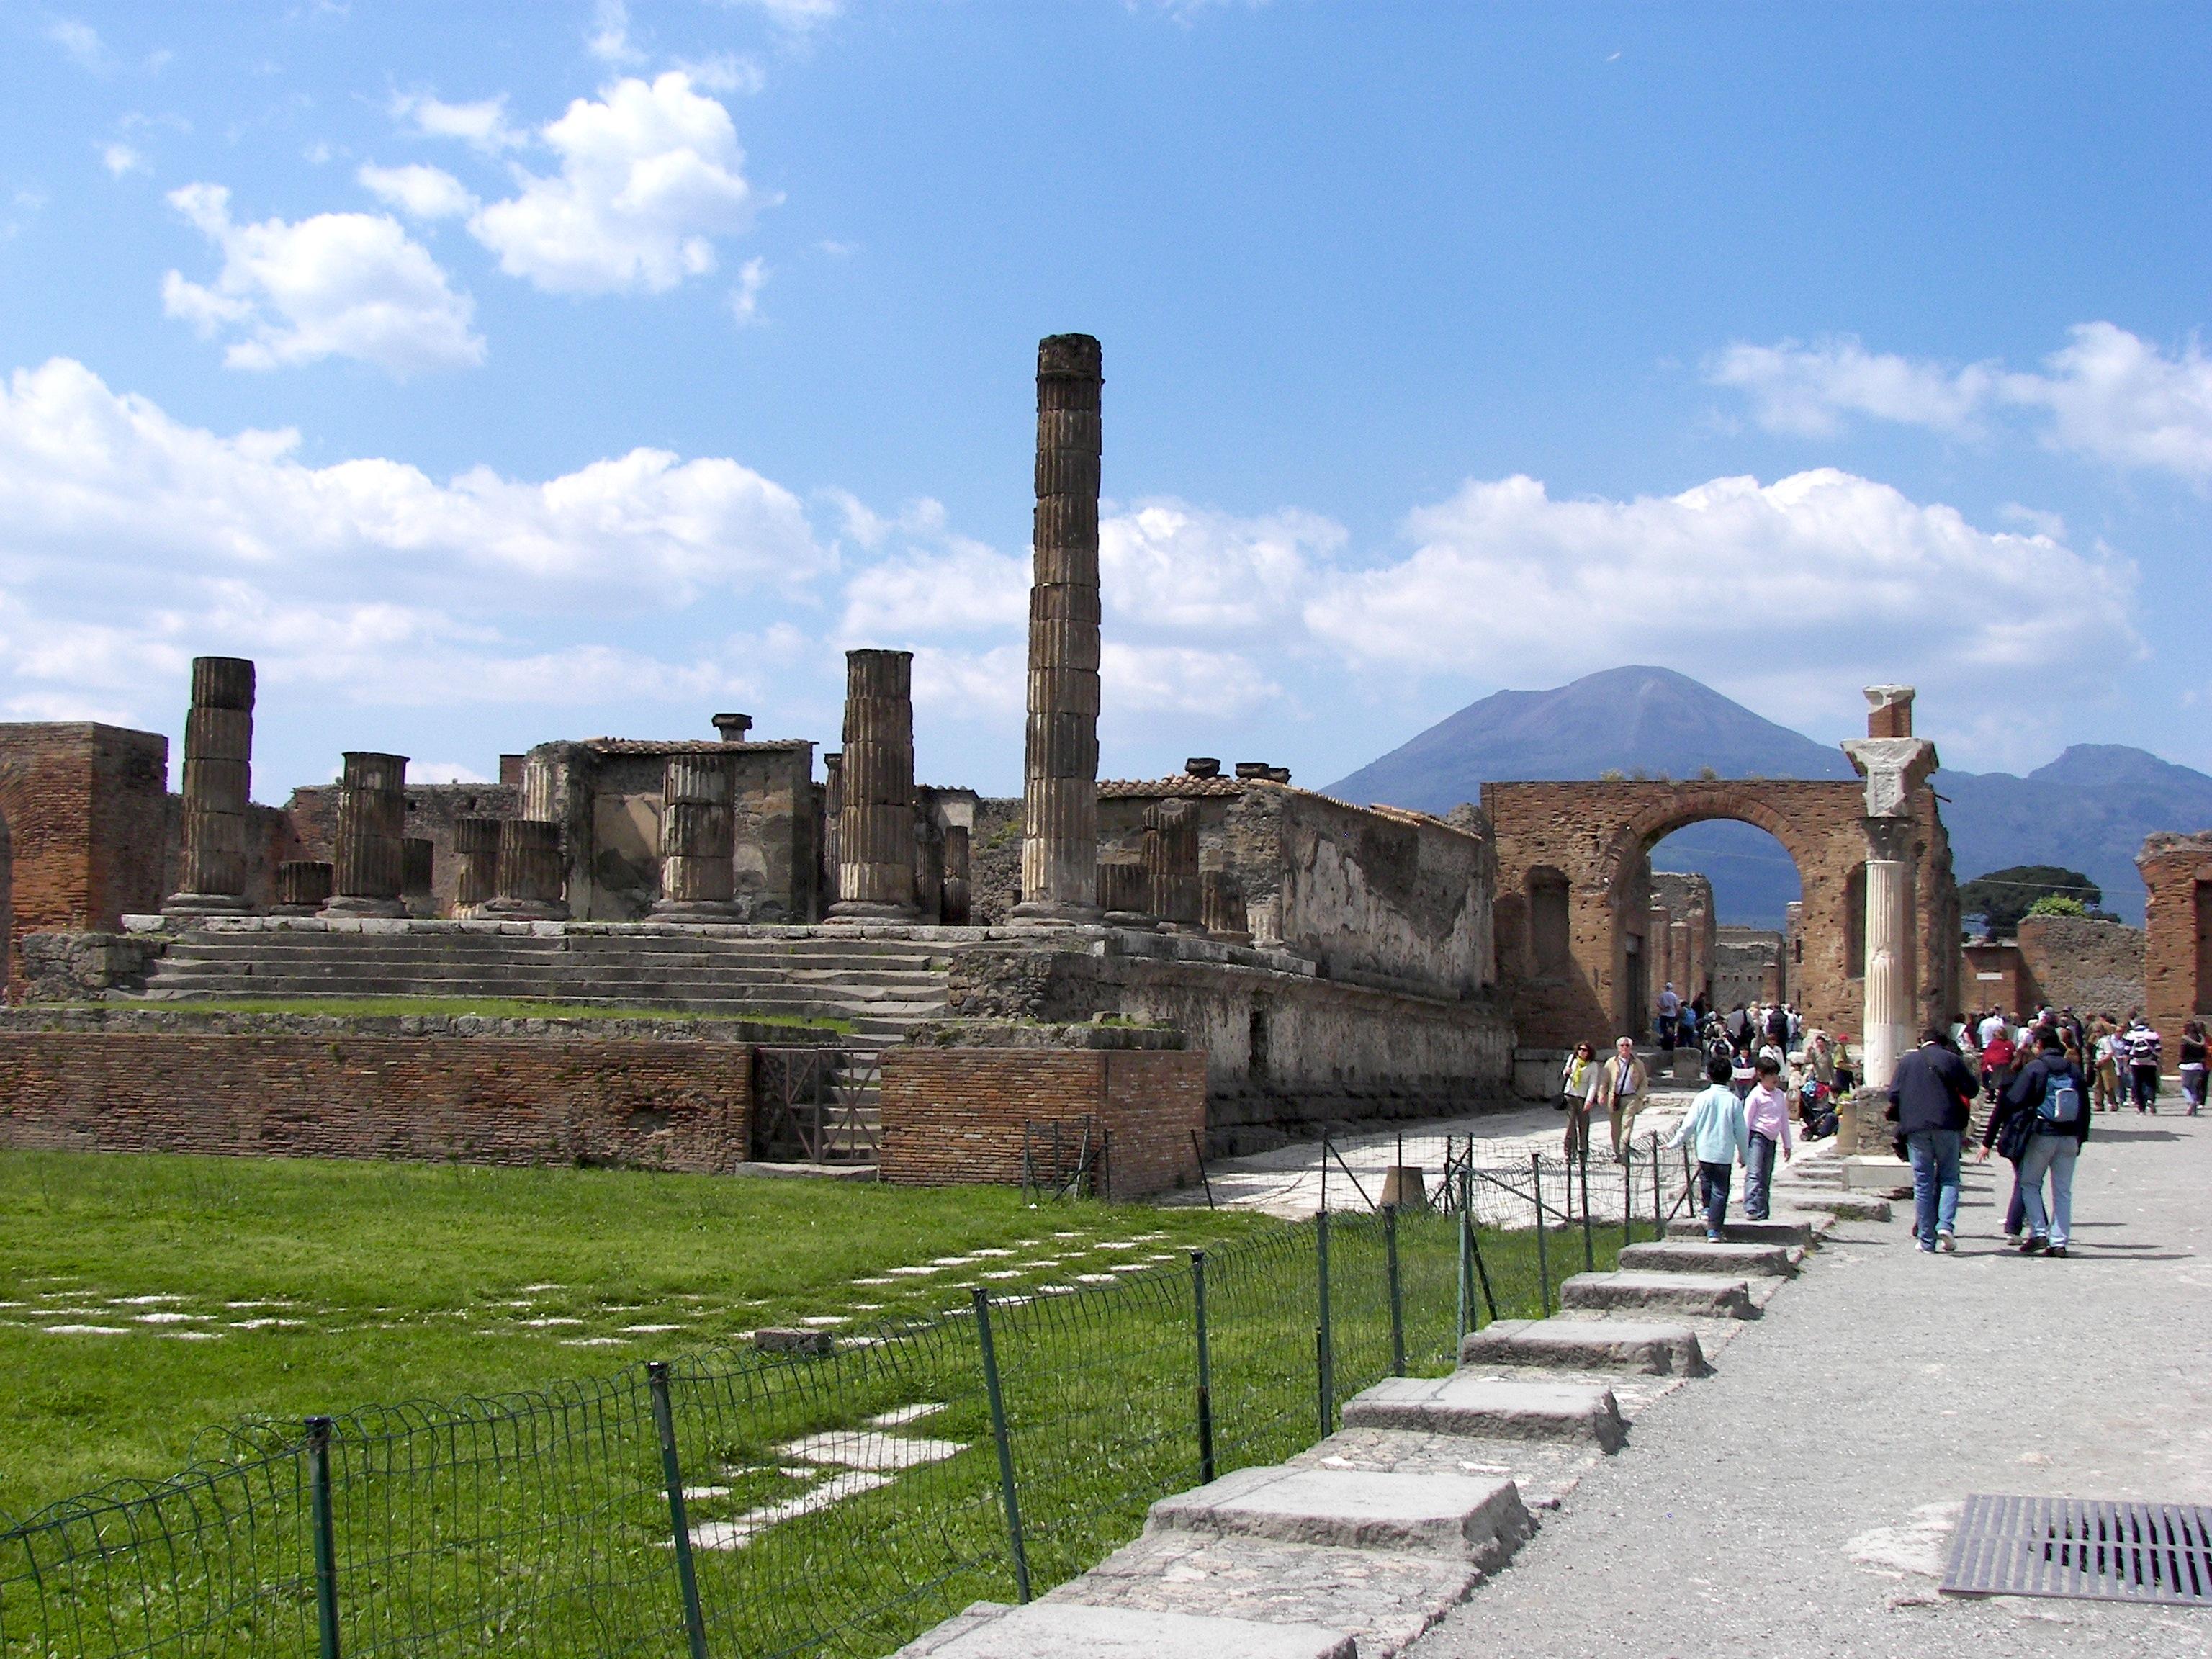 Visita Pompeya desde Roma